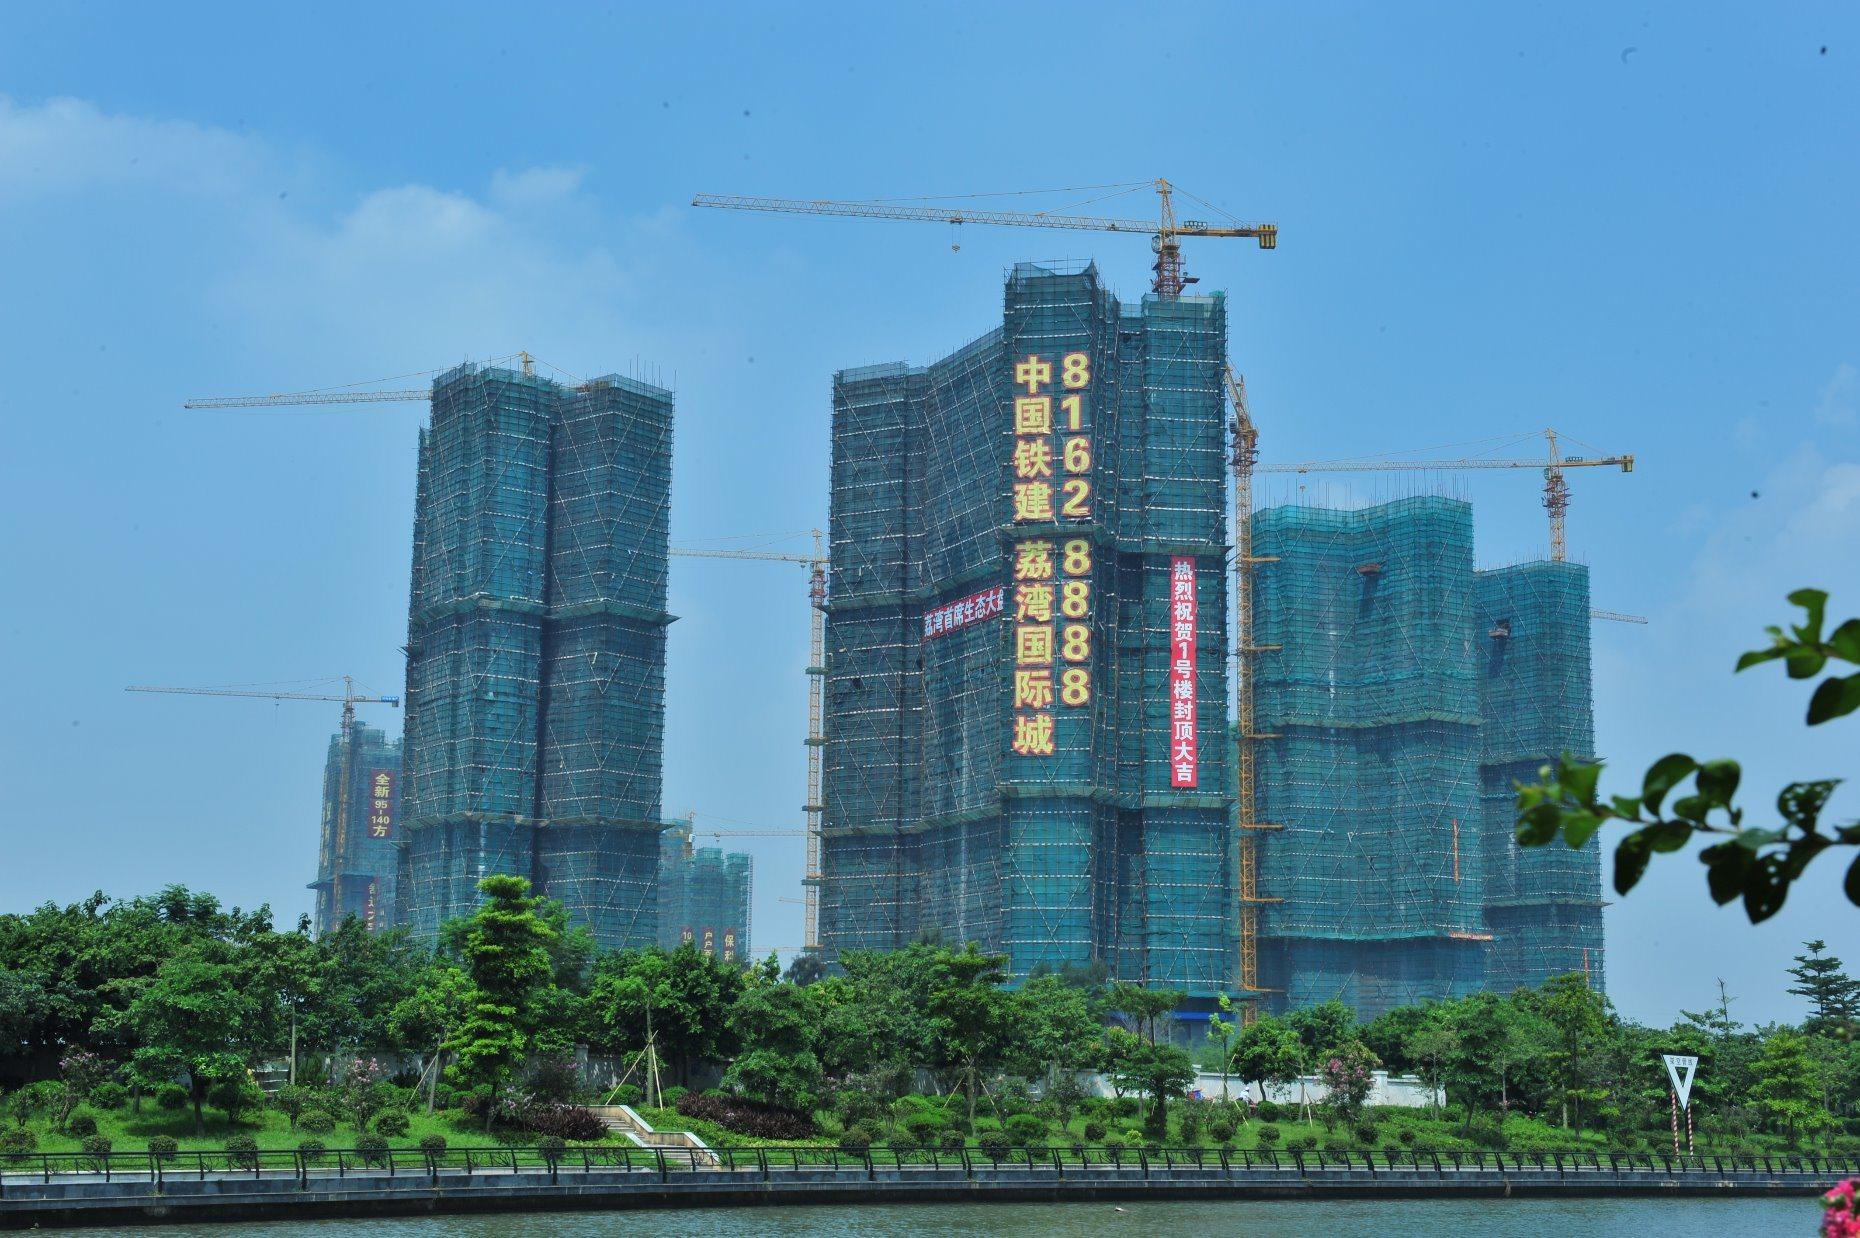 Qtz80 (TC6510) 6t Self-Lifting Building Hoist Tower Crane